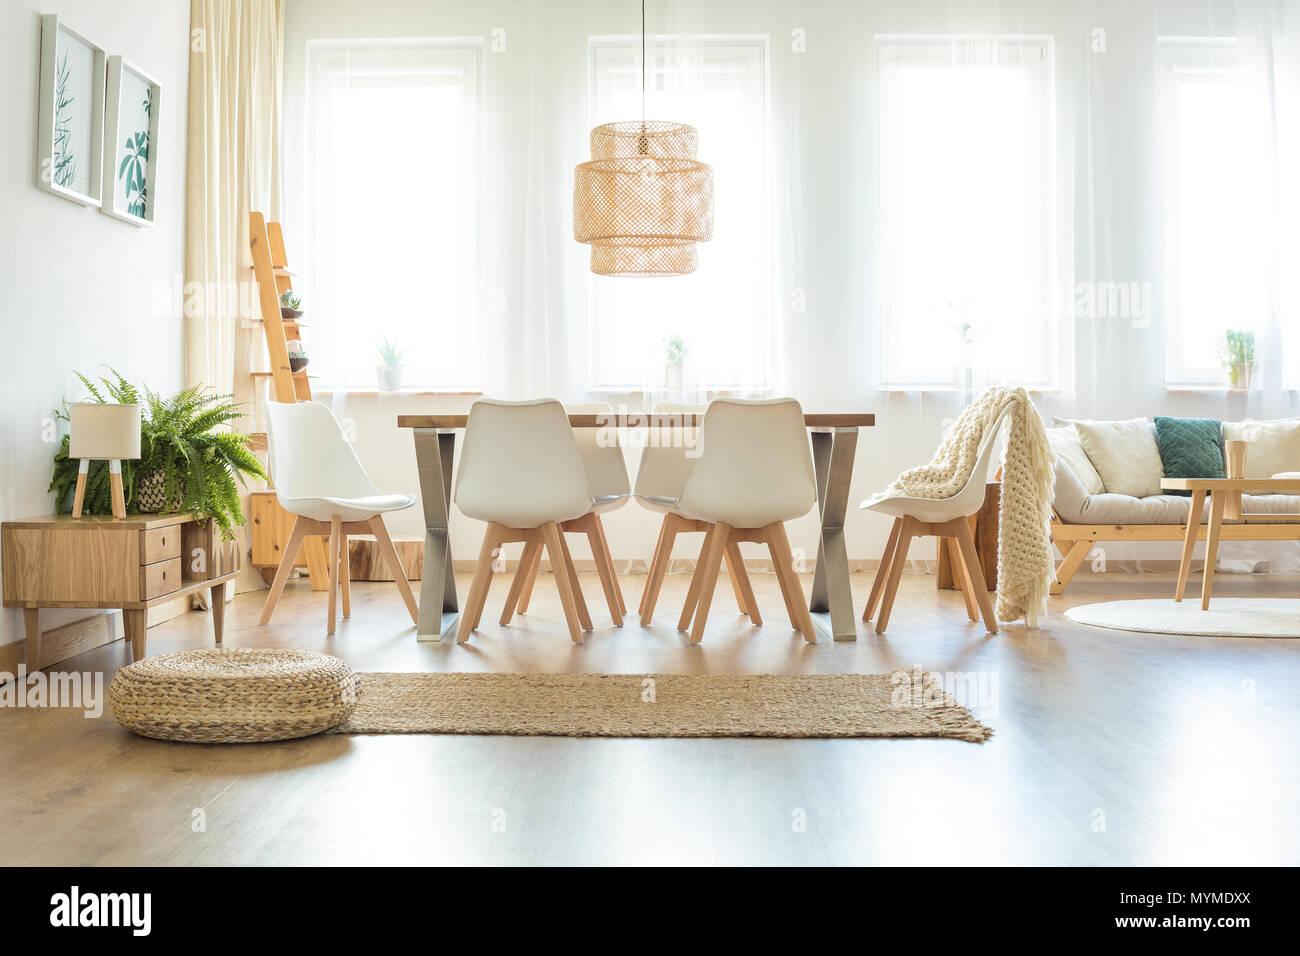 Lampade Sopra Tavolo Da Pranzo pouf e moquette marrone nella spaziosa e luminosa sala da